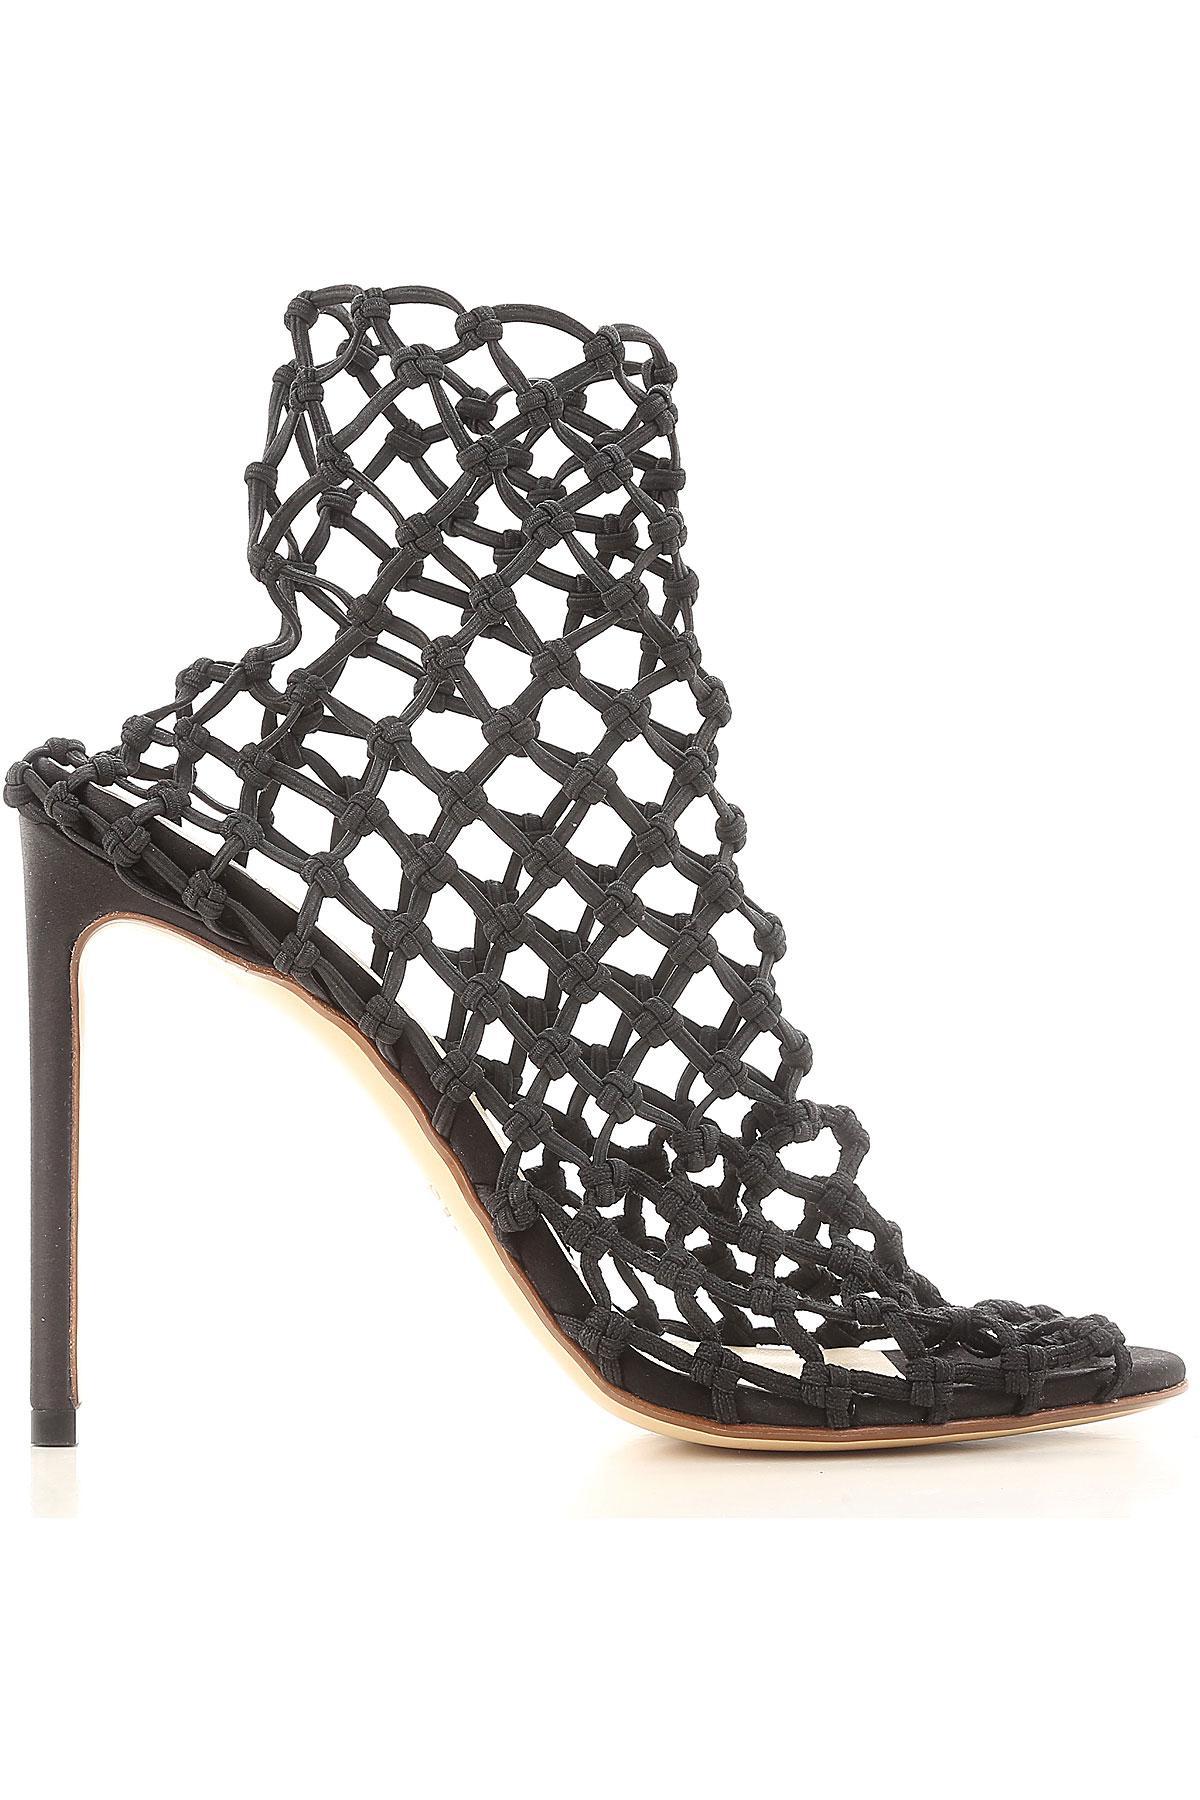 Botas de Mujer Francesco Russo de Cuero de color Negro